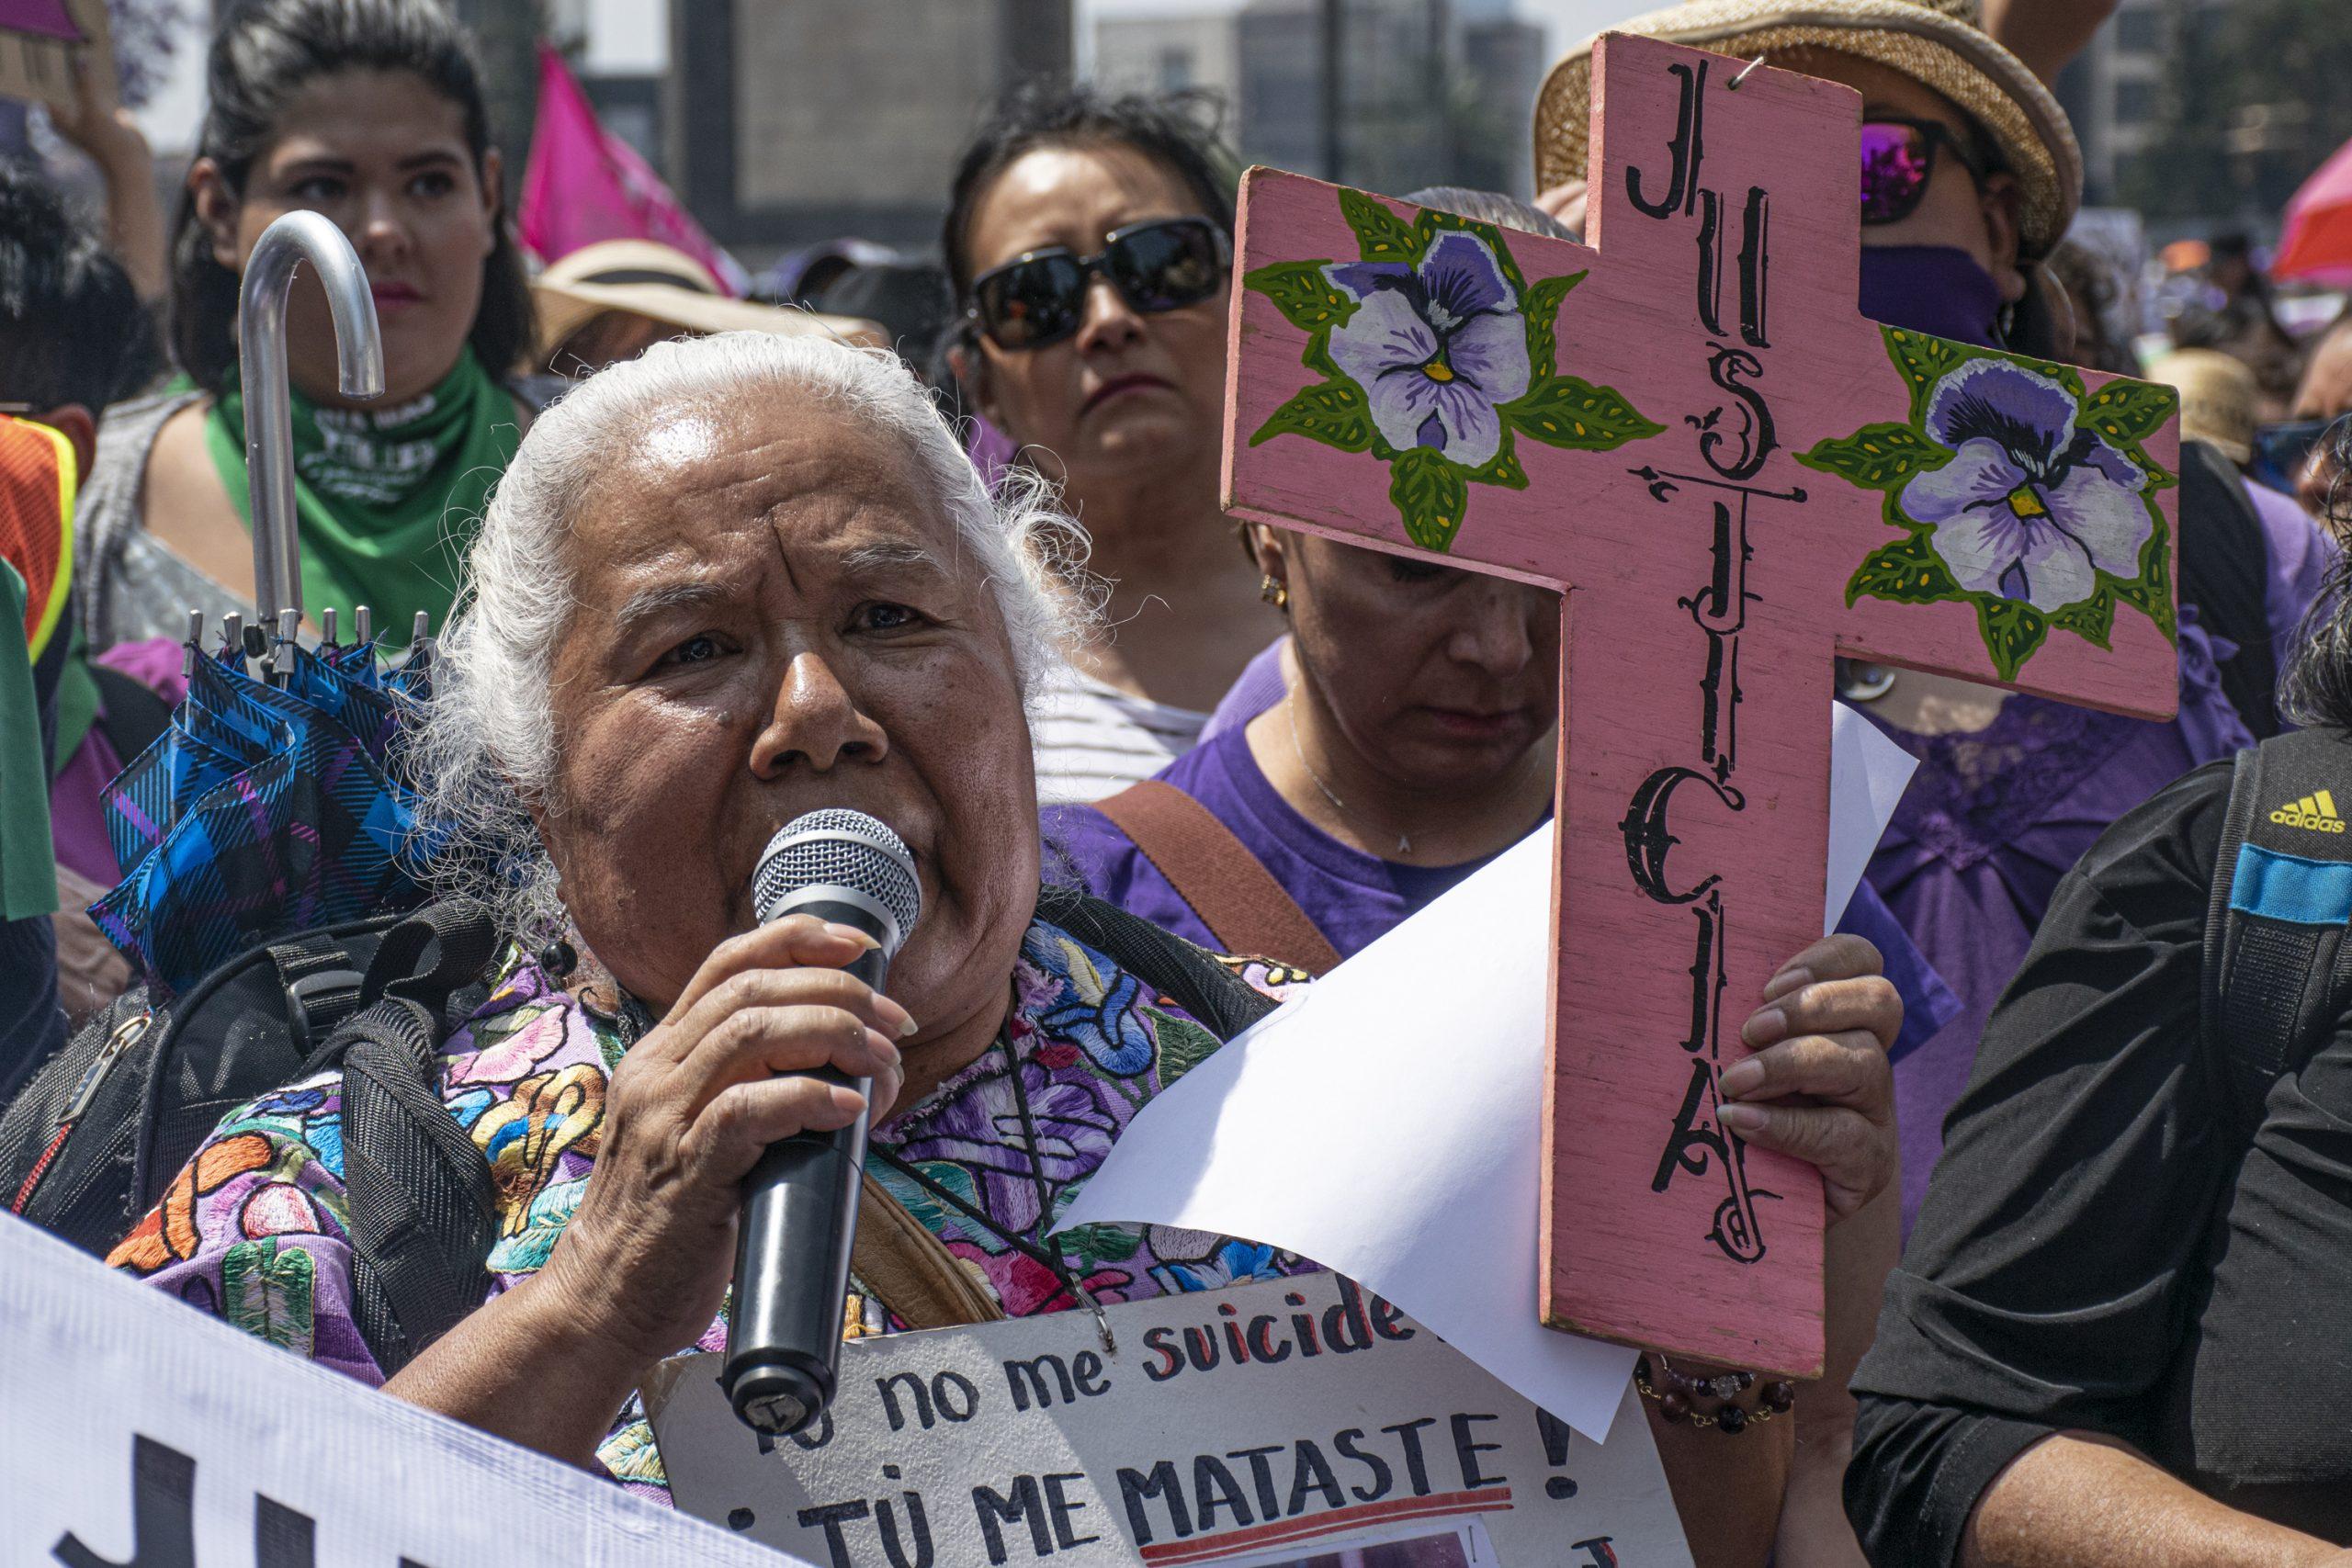 Mujeres periodistas y activistas en México, ante una realidad misógina y feminicida